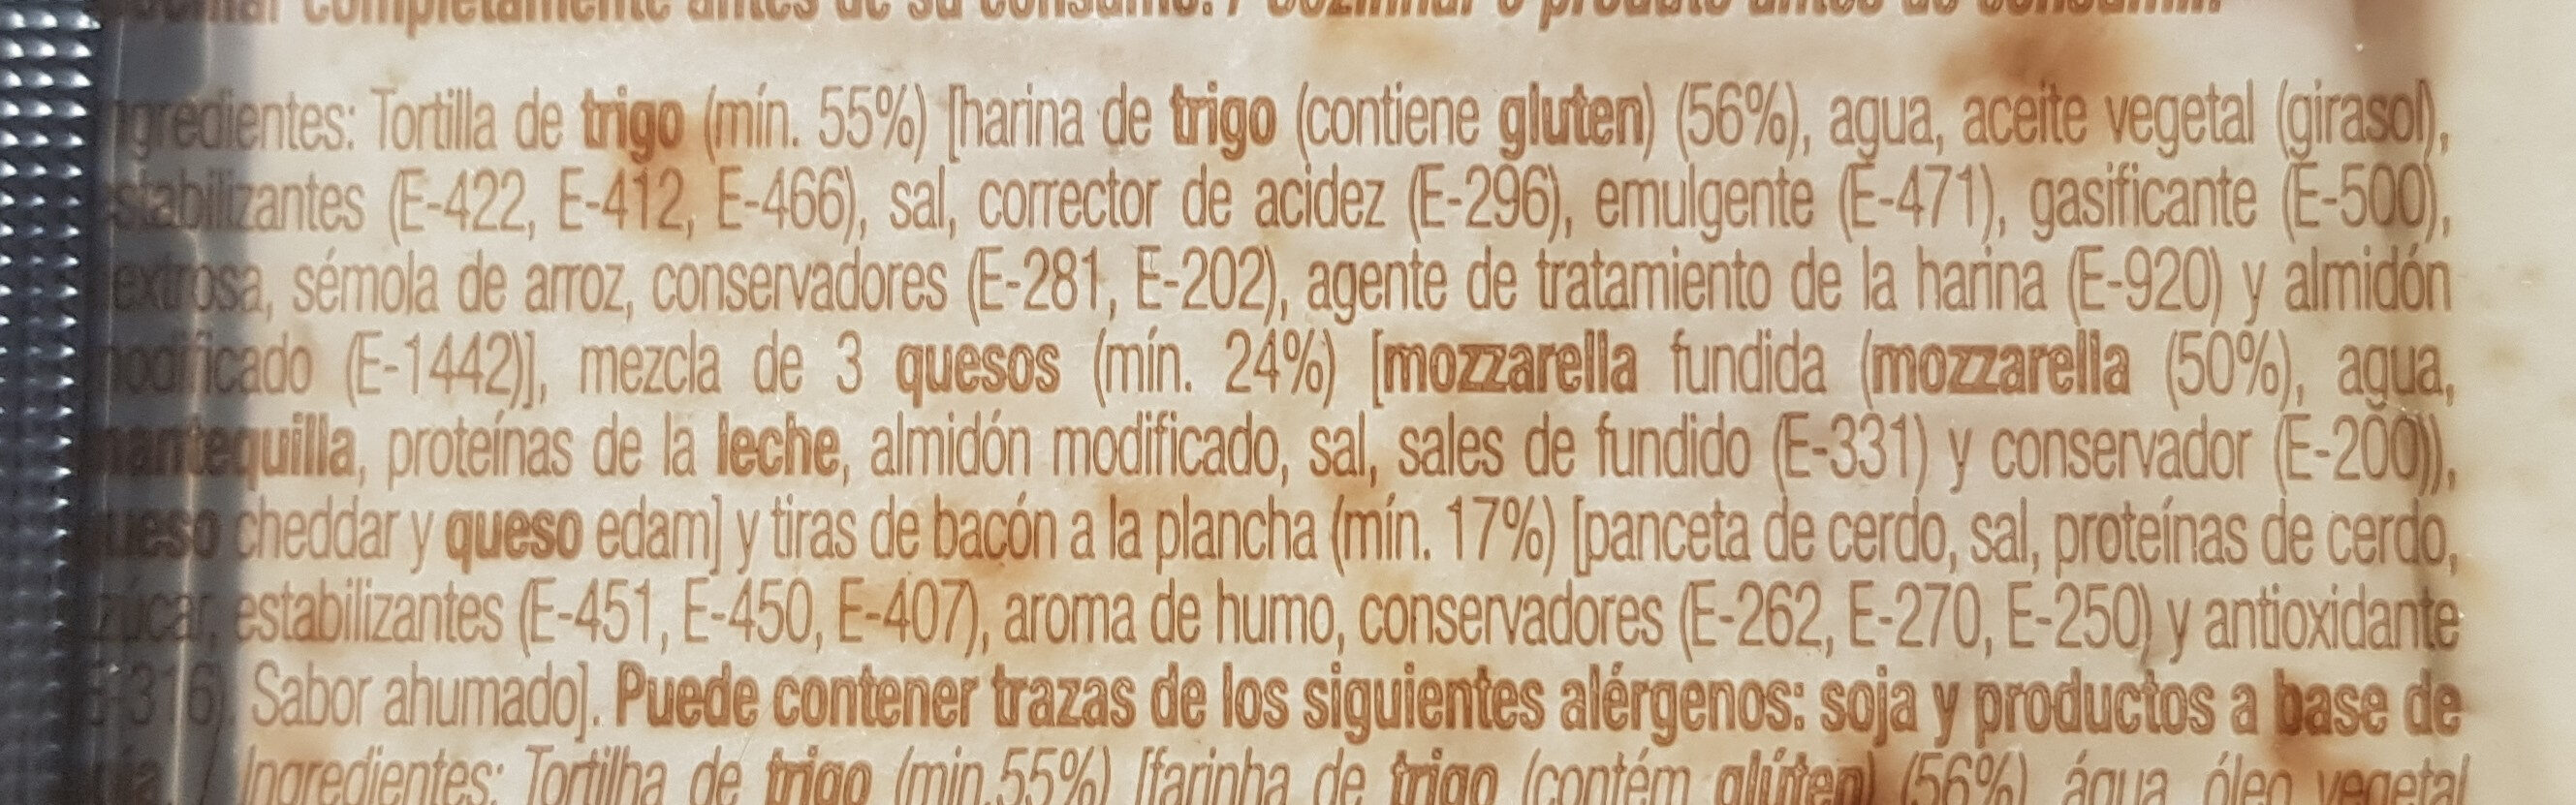 Flautas de bacon crispy y 3 quesos - Ingredientes - es